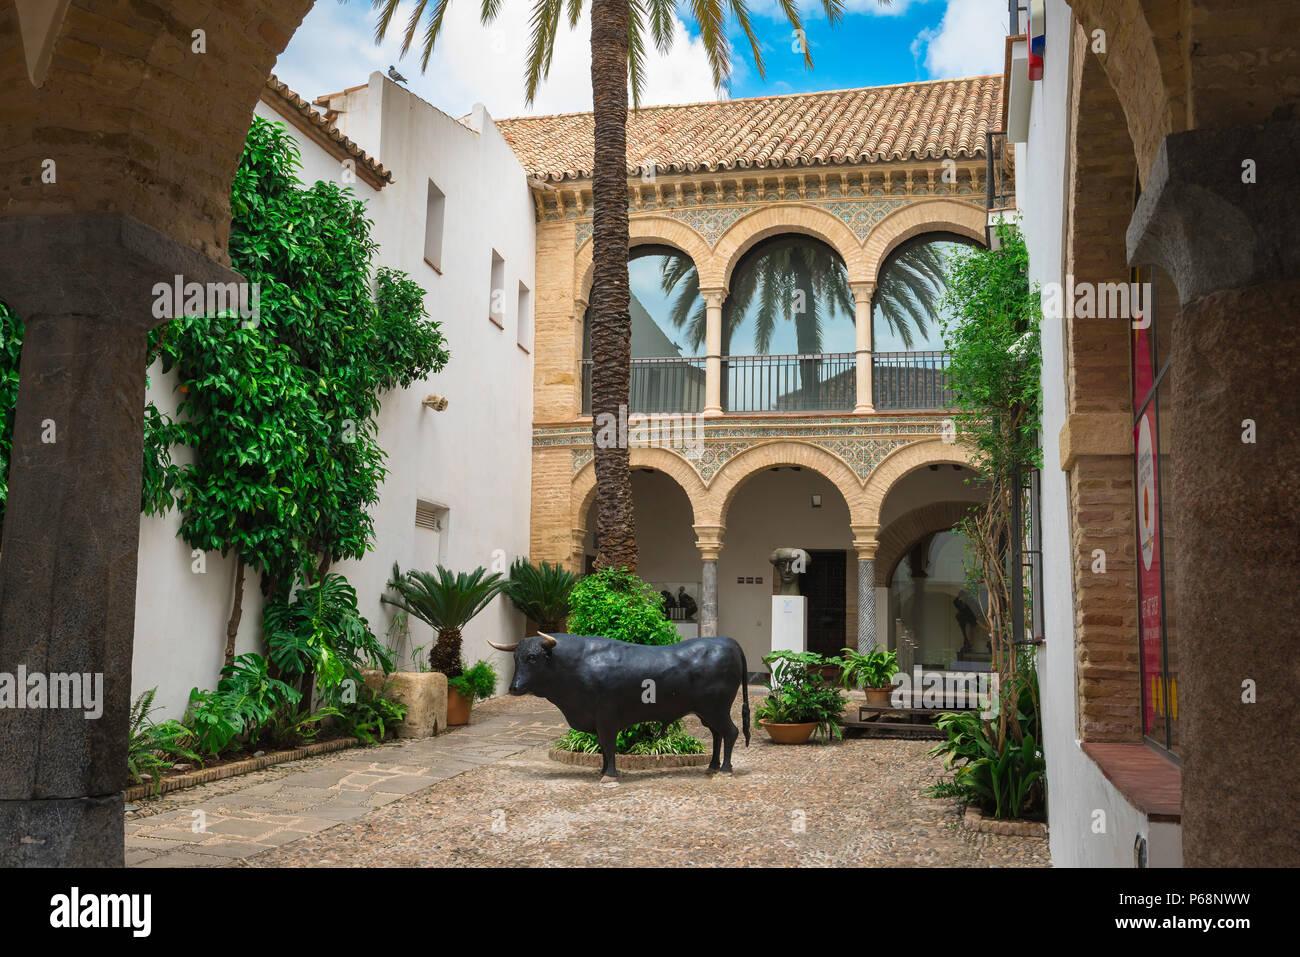 Taurino Cordoba, vue sur le patio andalou typiquement cour du Musée de la Tauromachie (Museo Taurino) à Cordoba (Cordoue), Andalousie, espagne. Photo Stock